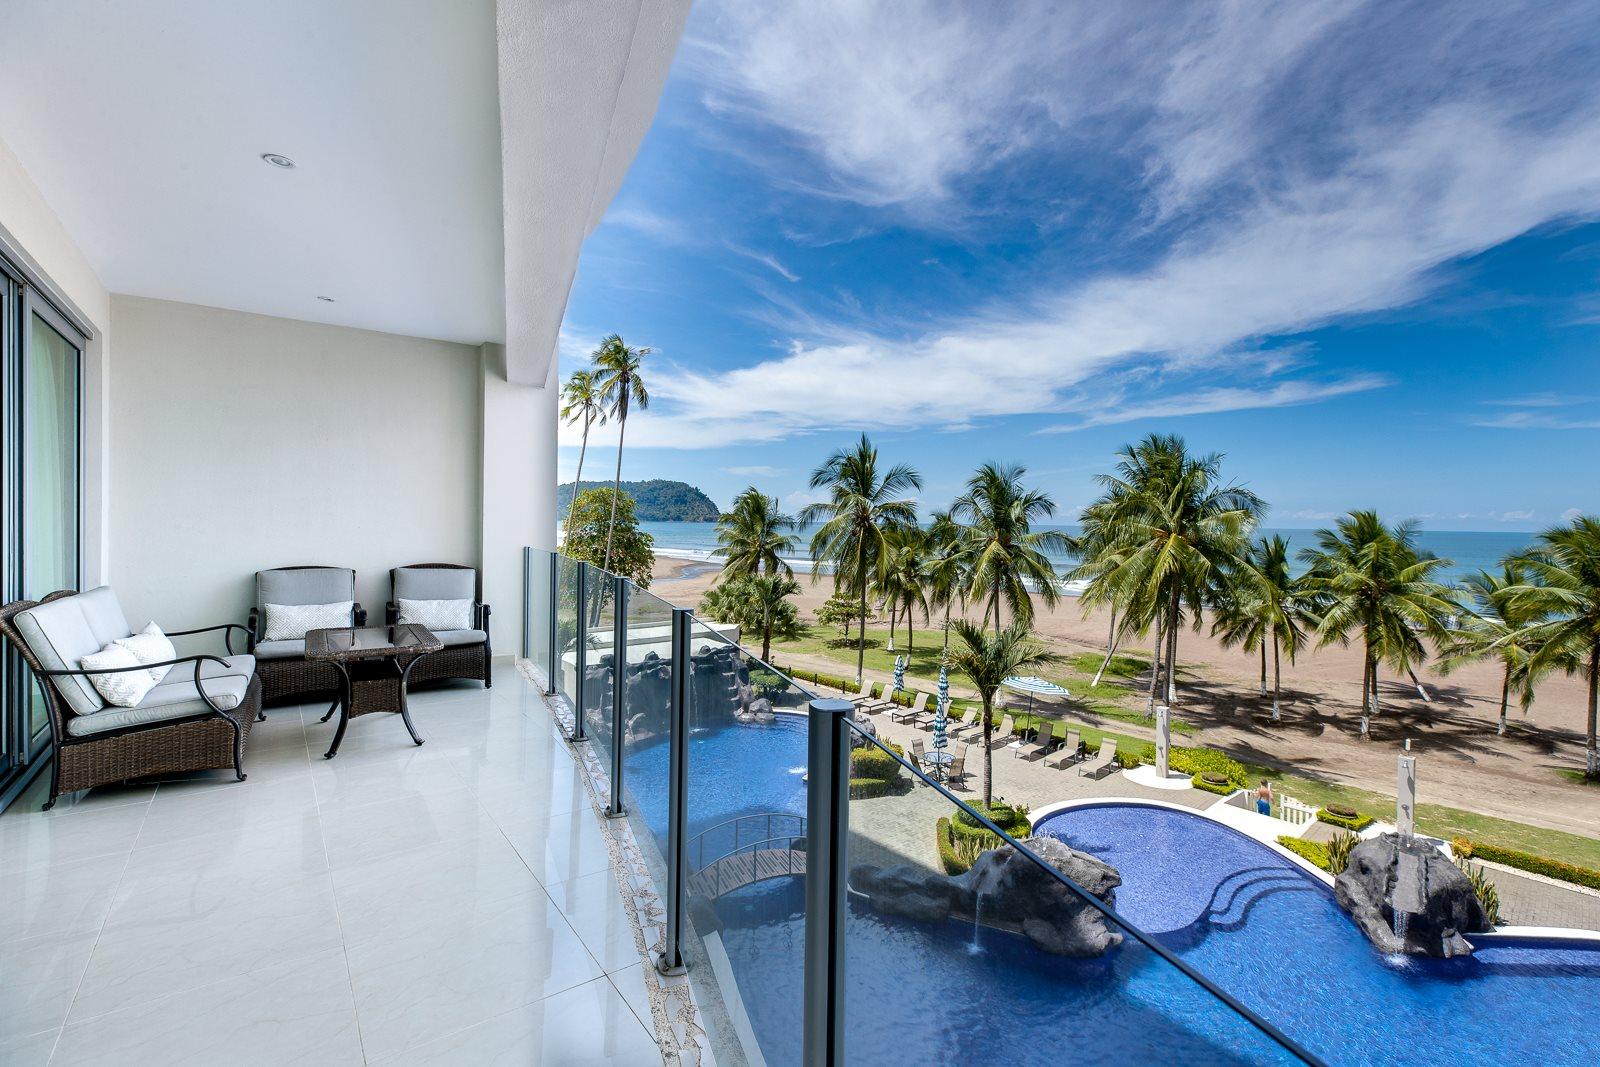 Contemporary Style 3 Bedroom 3.5 Bath Ocean View Condo